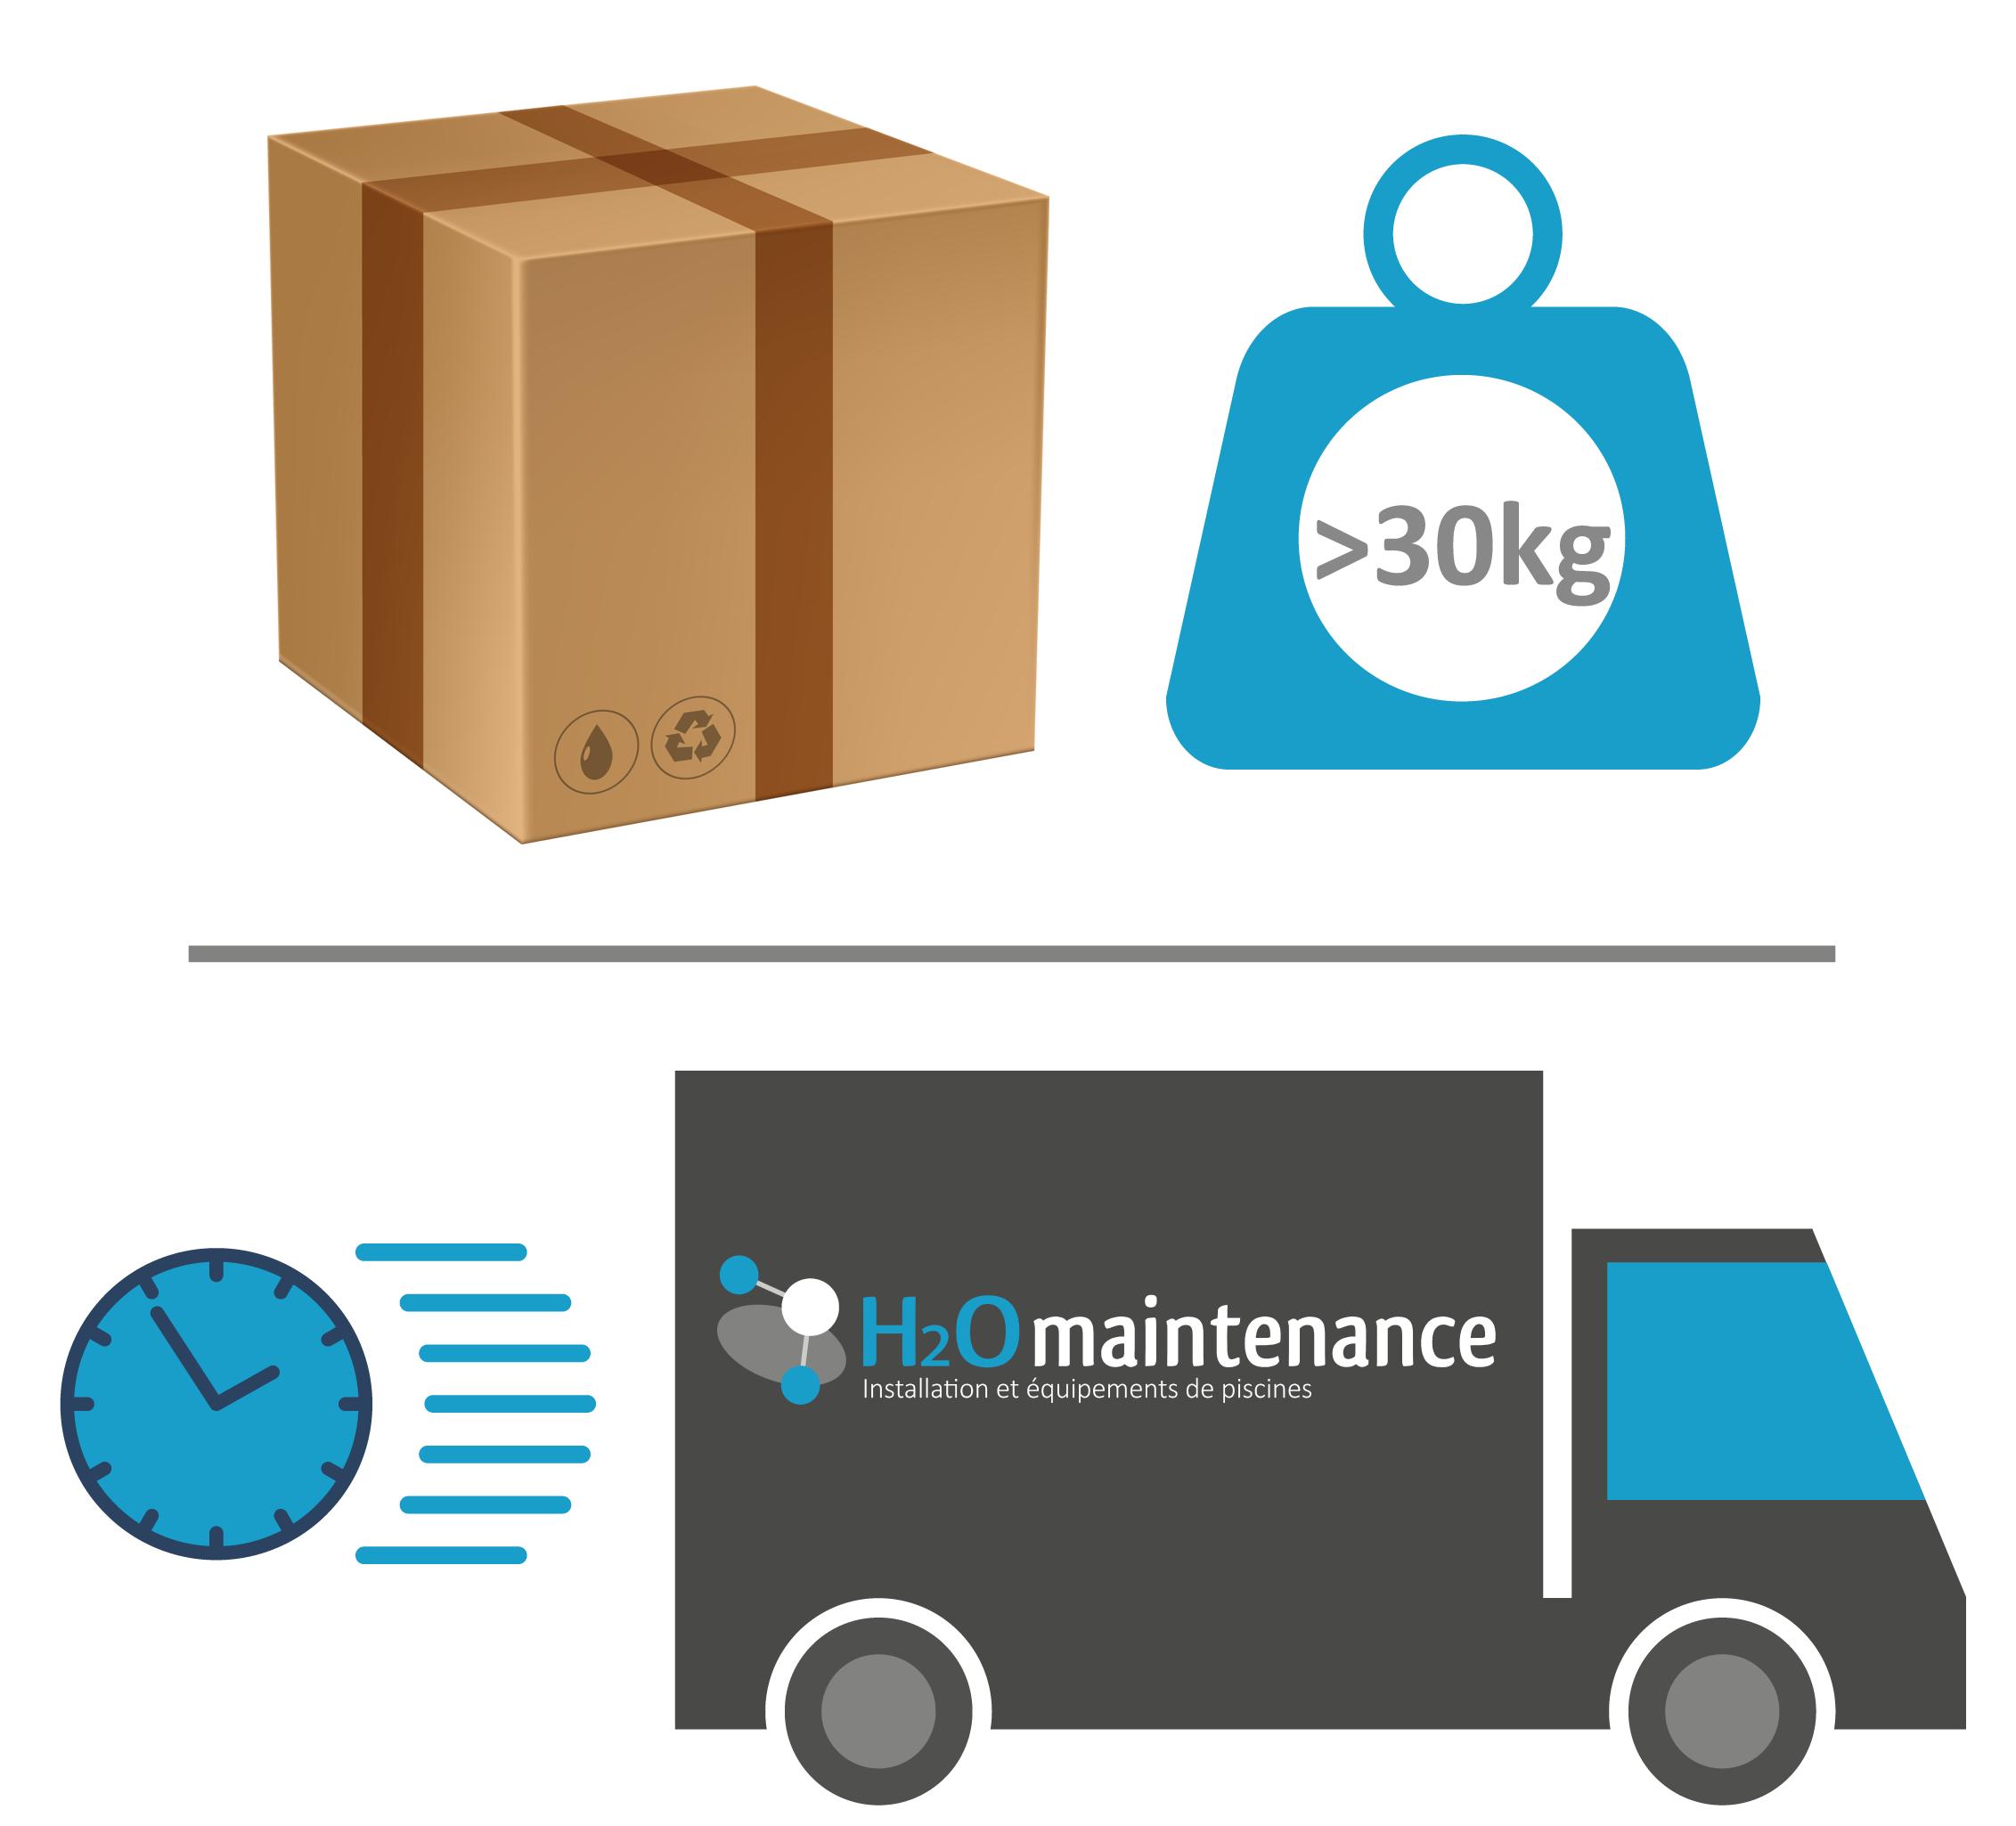 La livraison est assurée par h2o maintenance pour les colis de plus de 30 kg